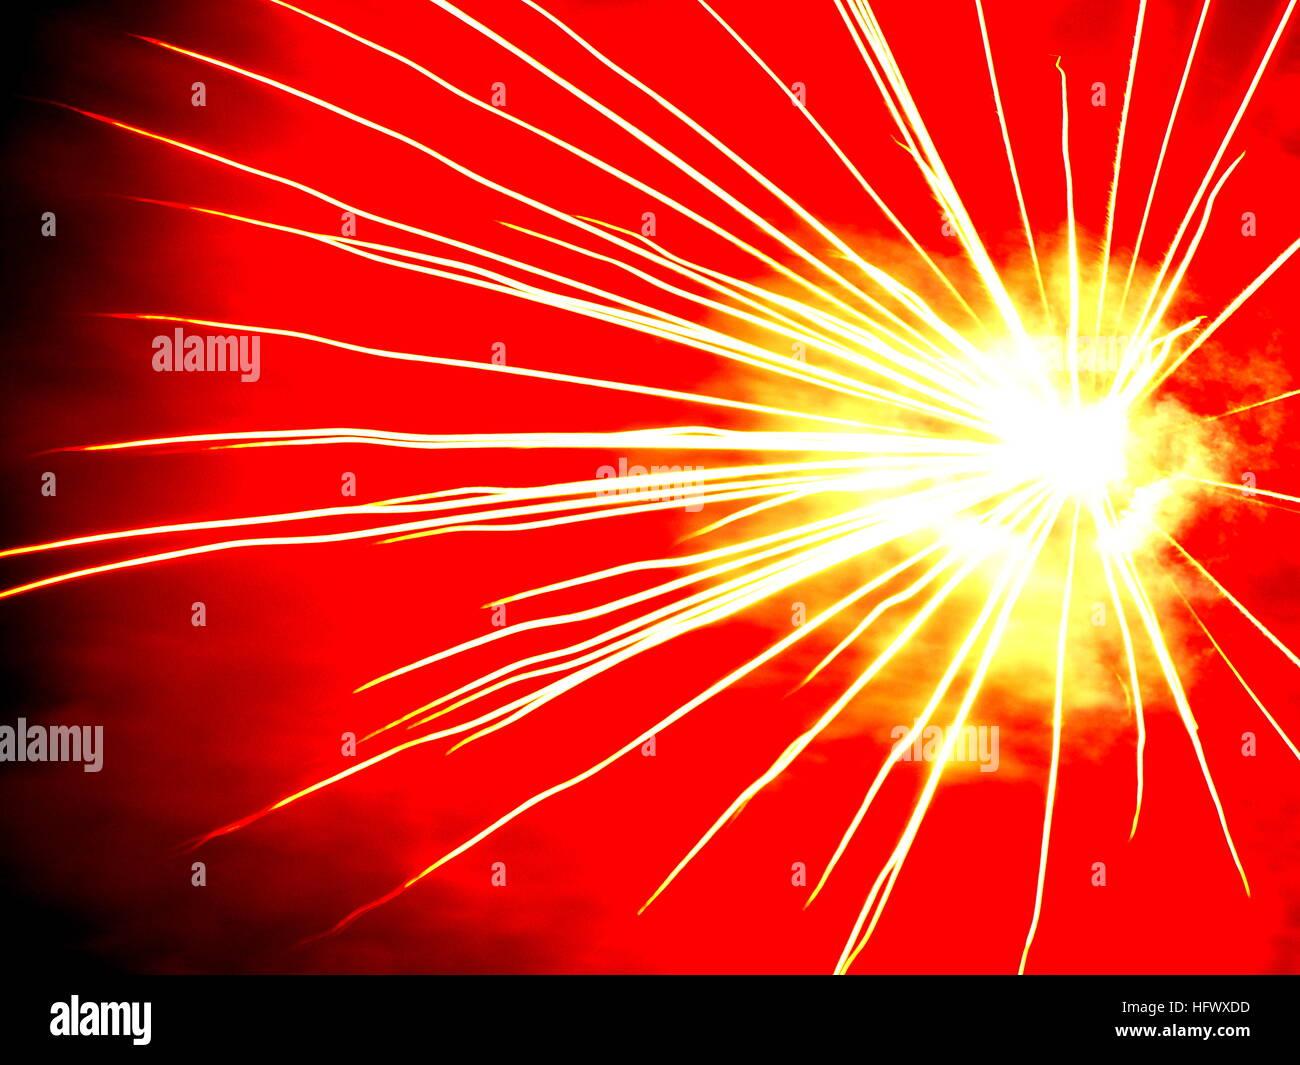 Esplosione radiante, fuochi d'artificio illuminano il cielo , Immagini Stock